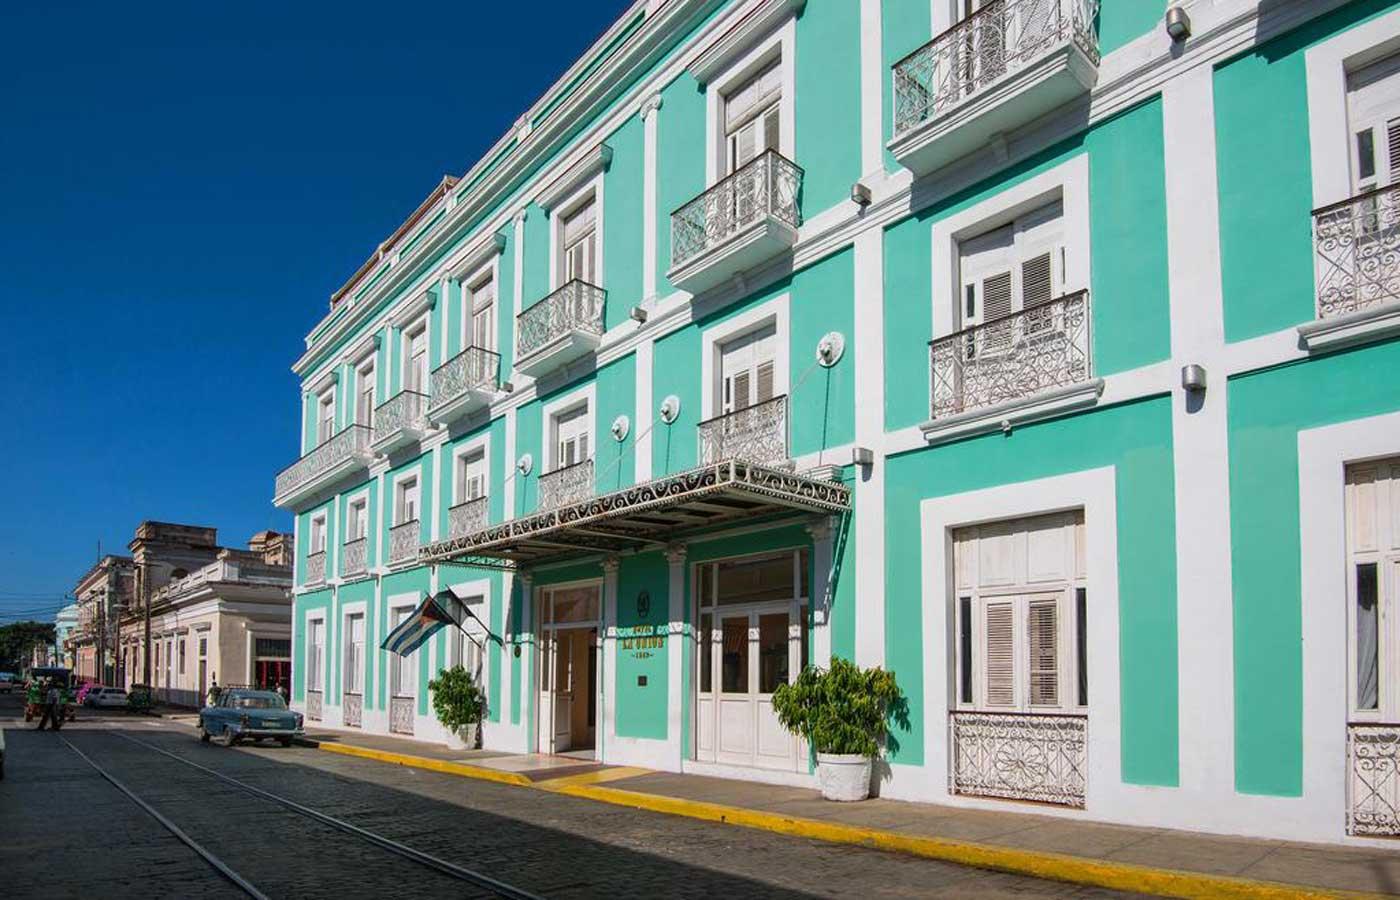 La Union, Cienfuegos, Cuba